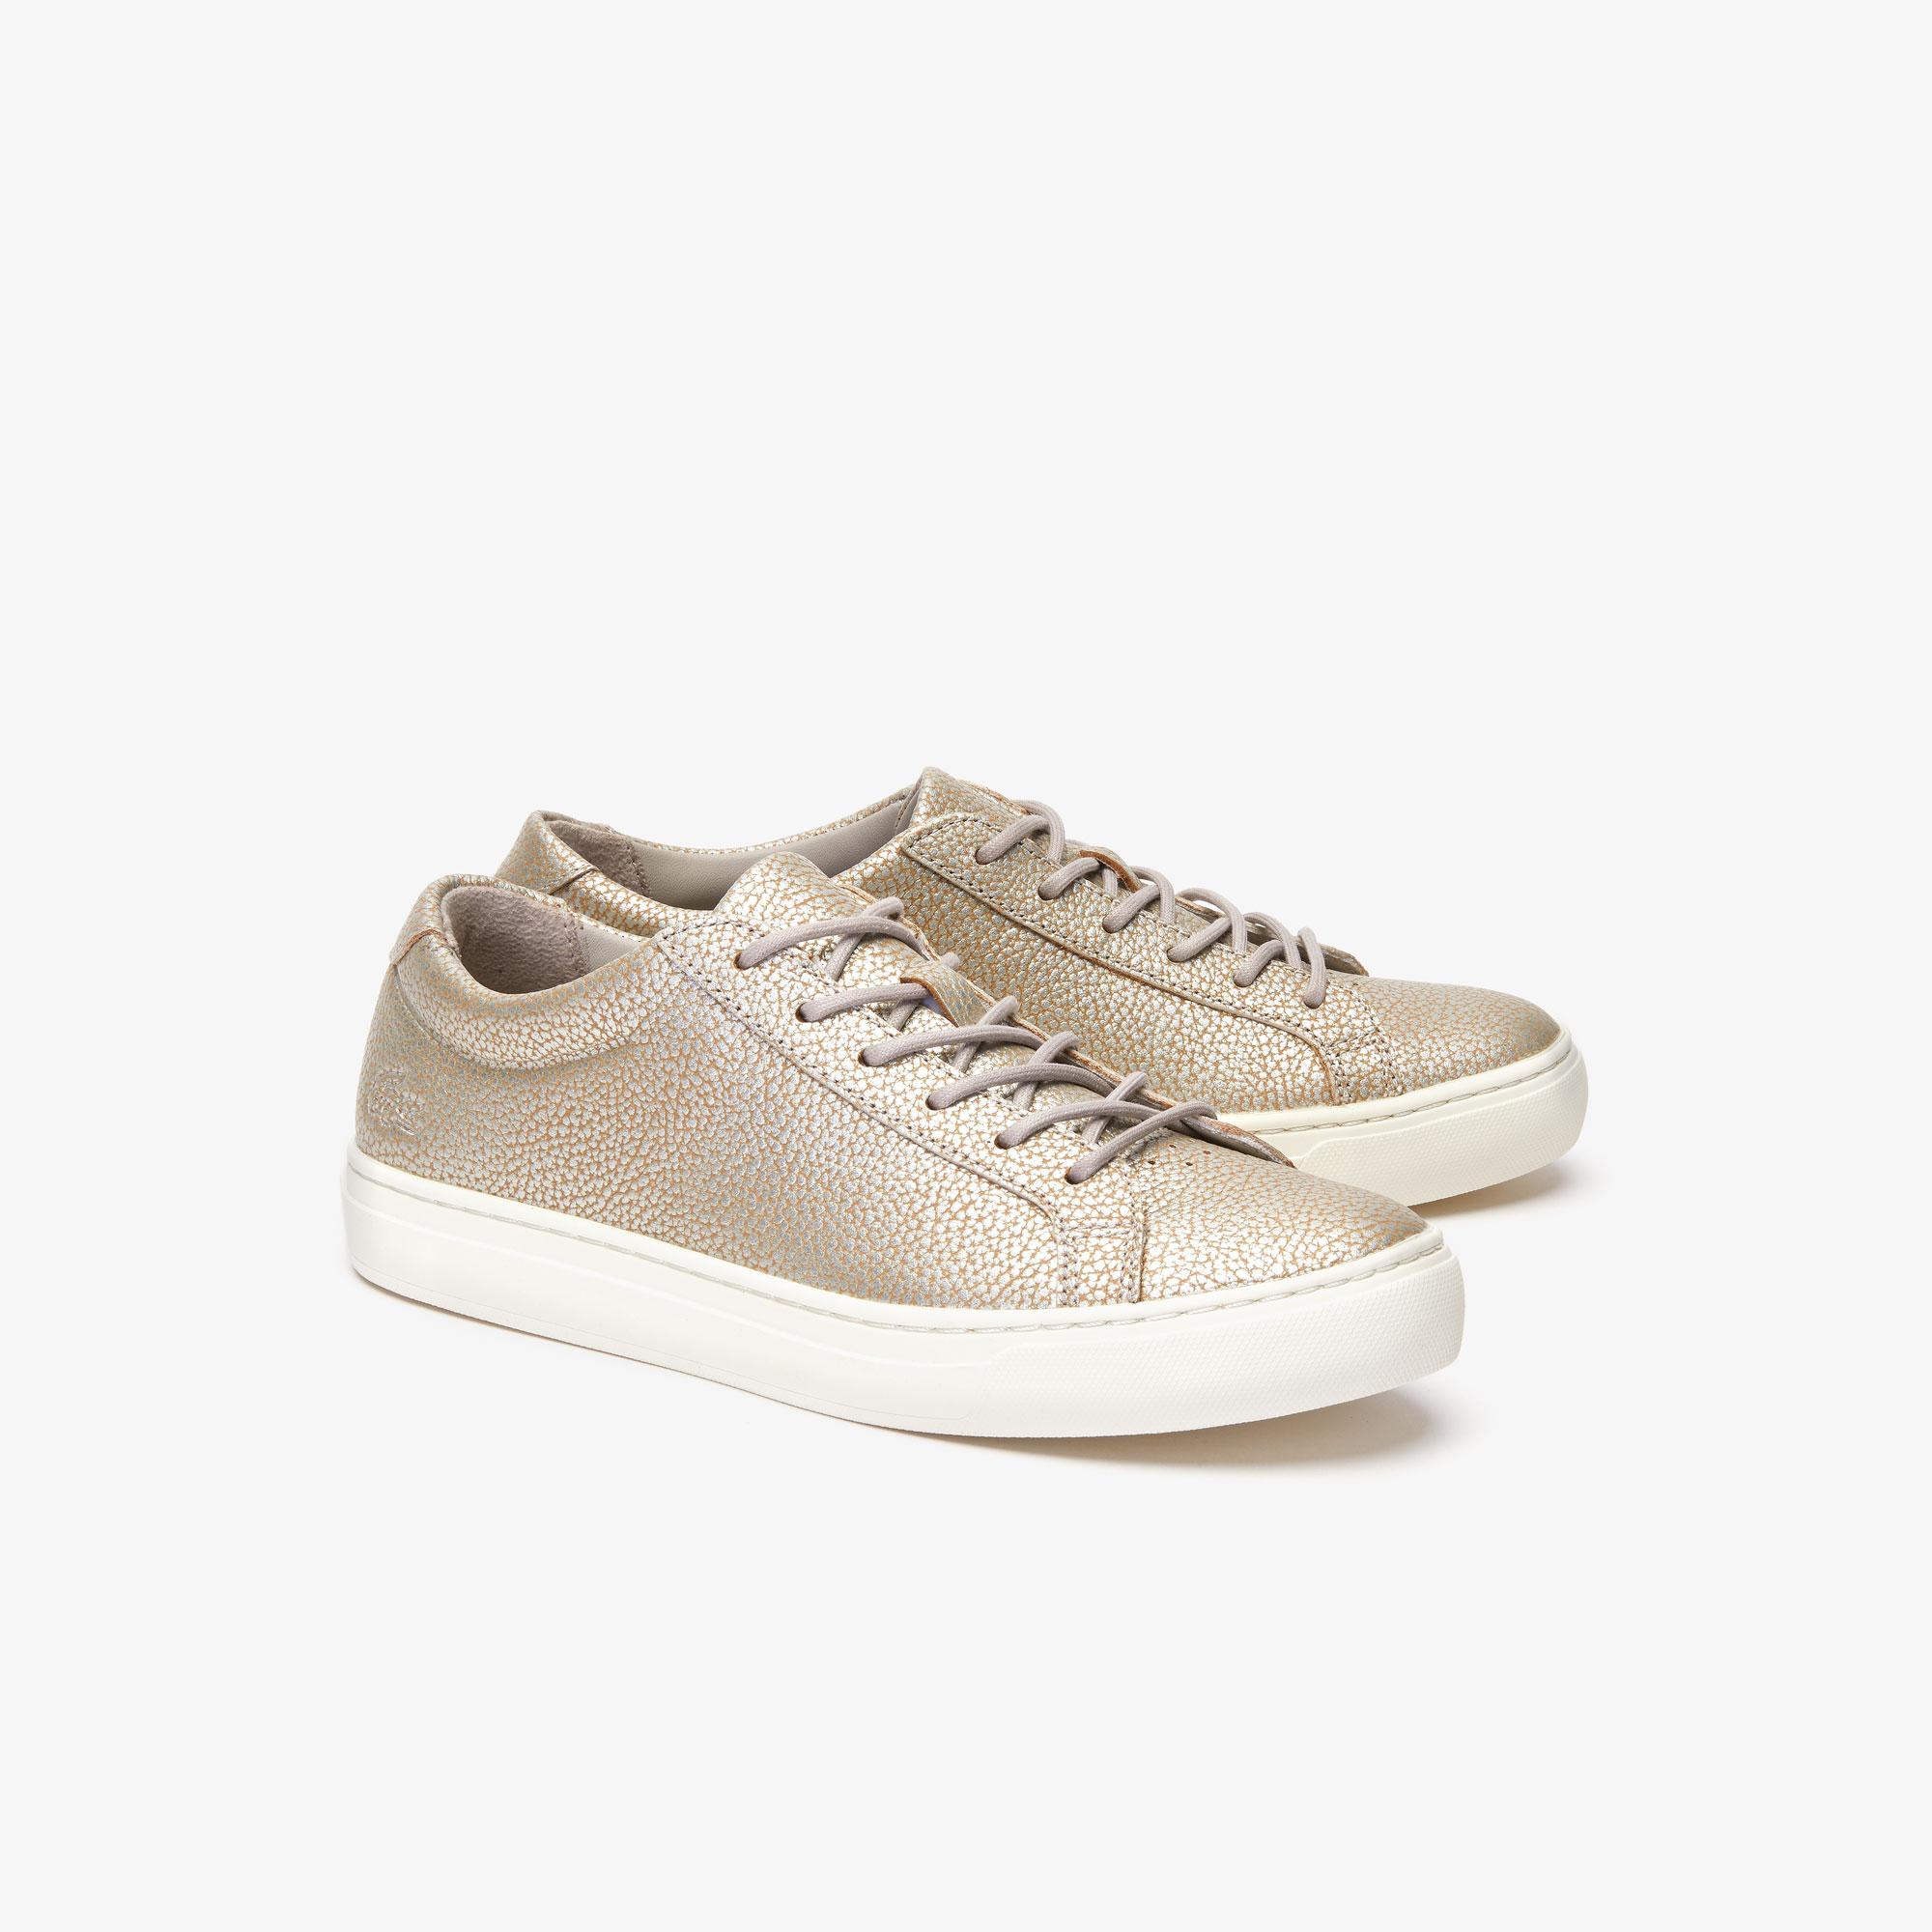 Lacoste L.12.12 319 1 Cfa Kadın Gri - Bej Casual Ayakkabı